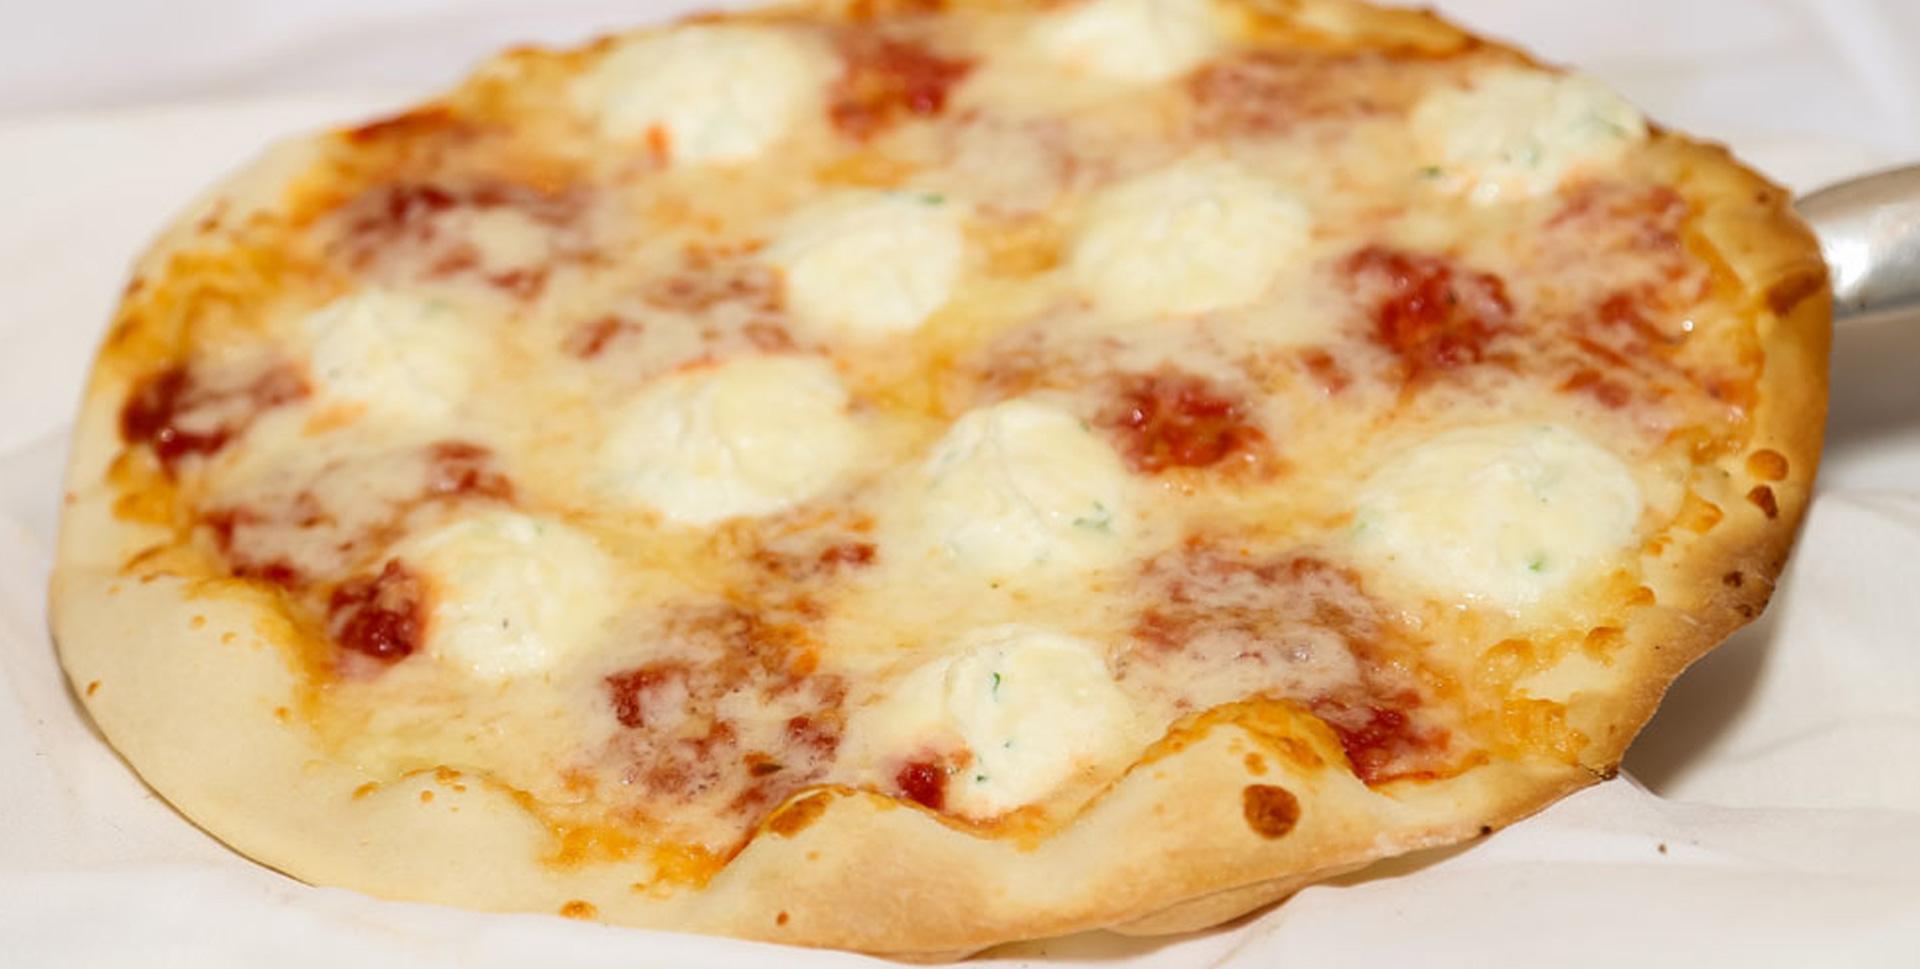 Rizzo's Fine Pizza - Thin Crust